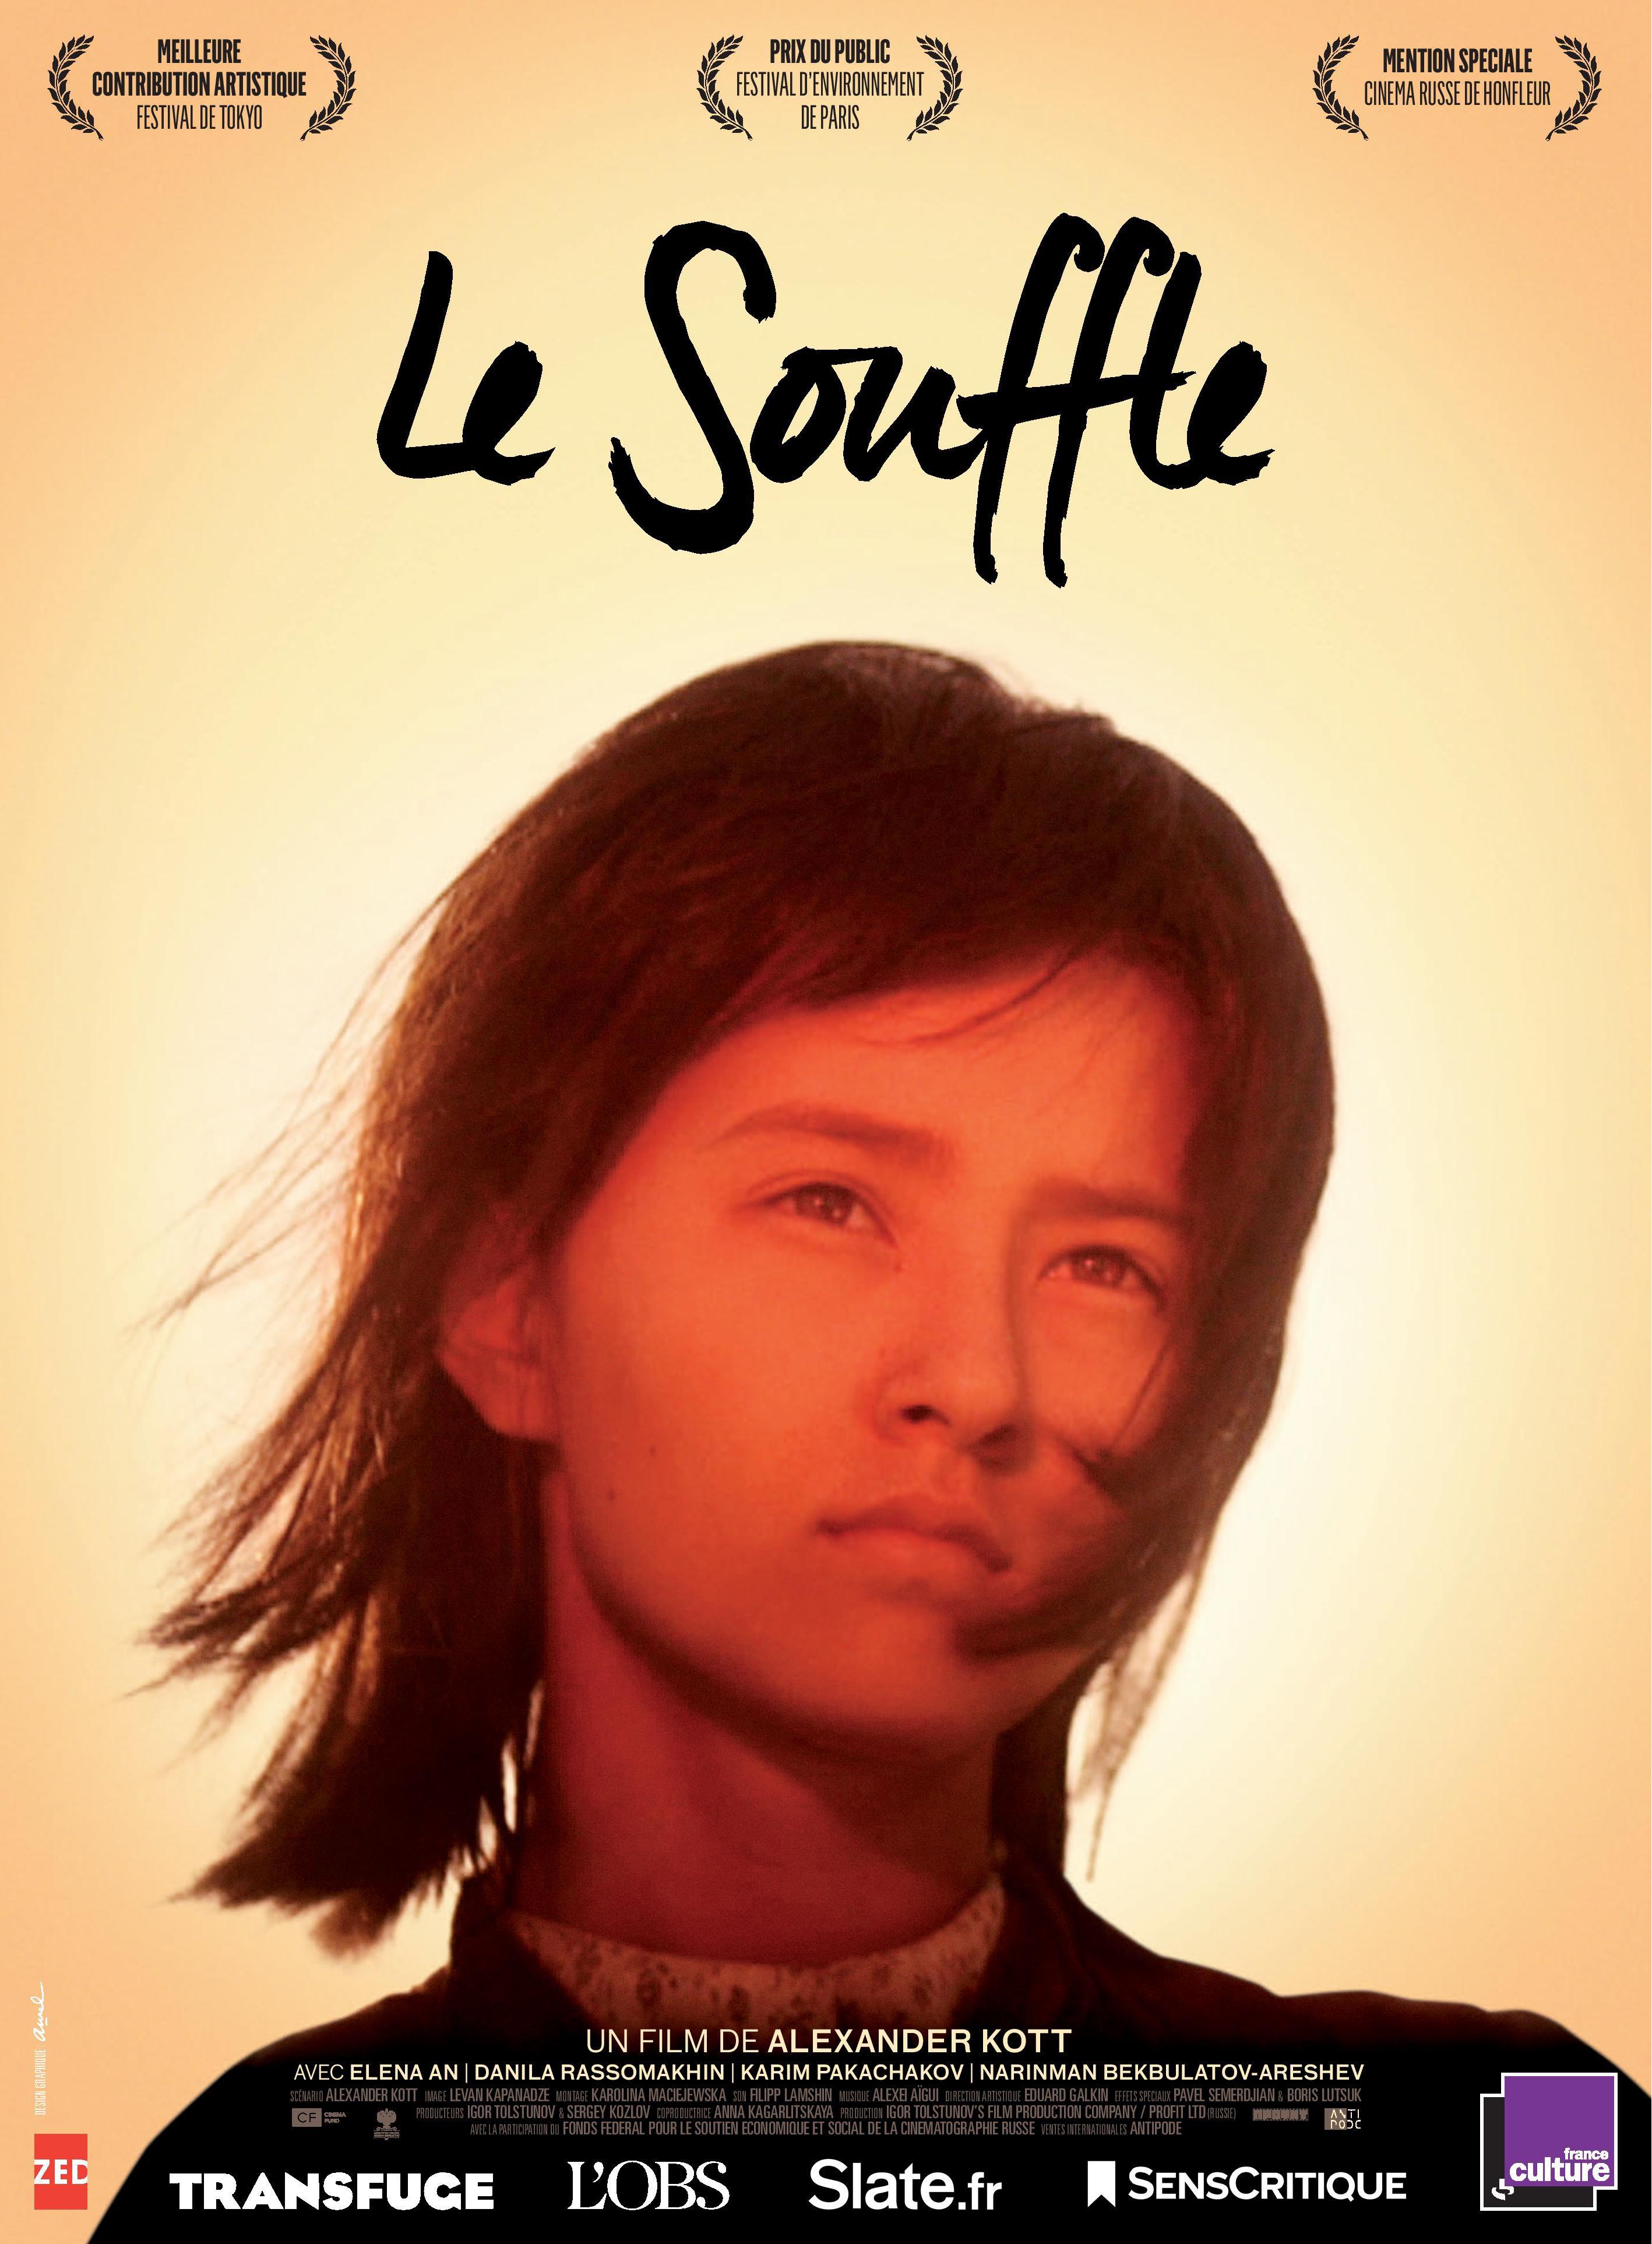 Le Souffle - Film (2015)